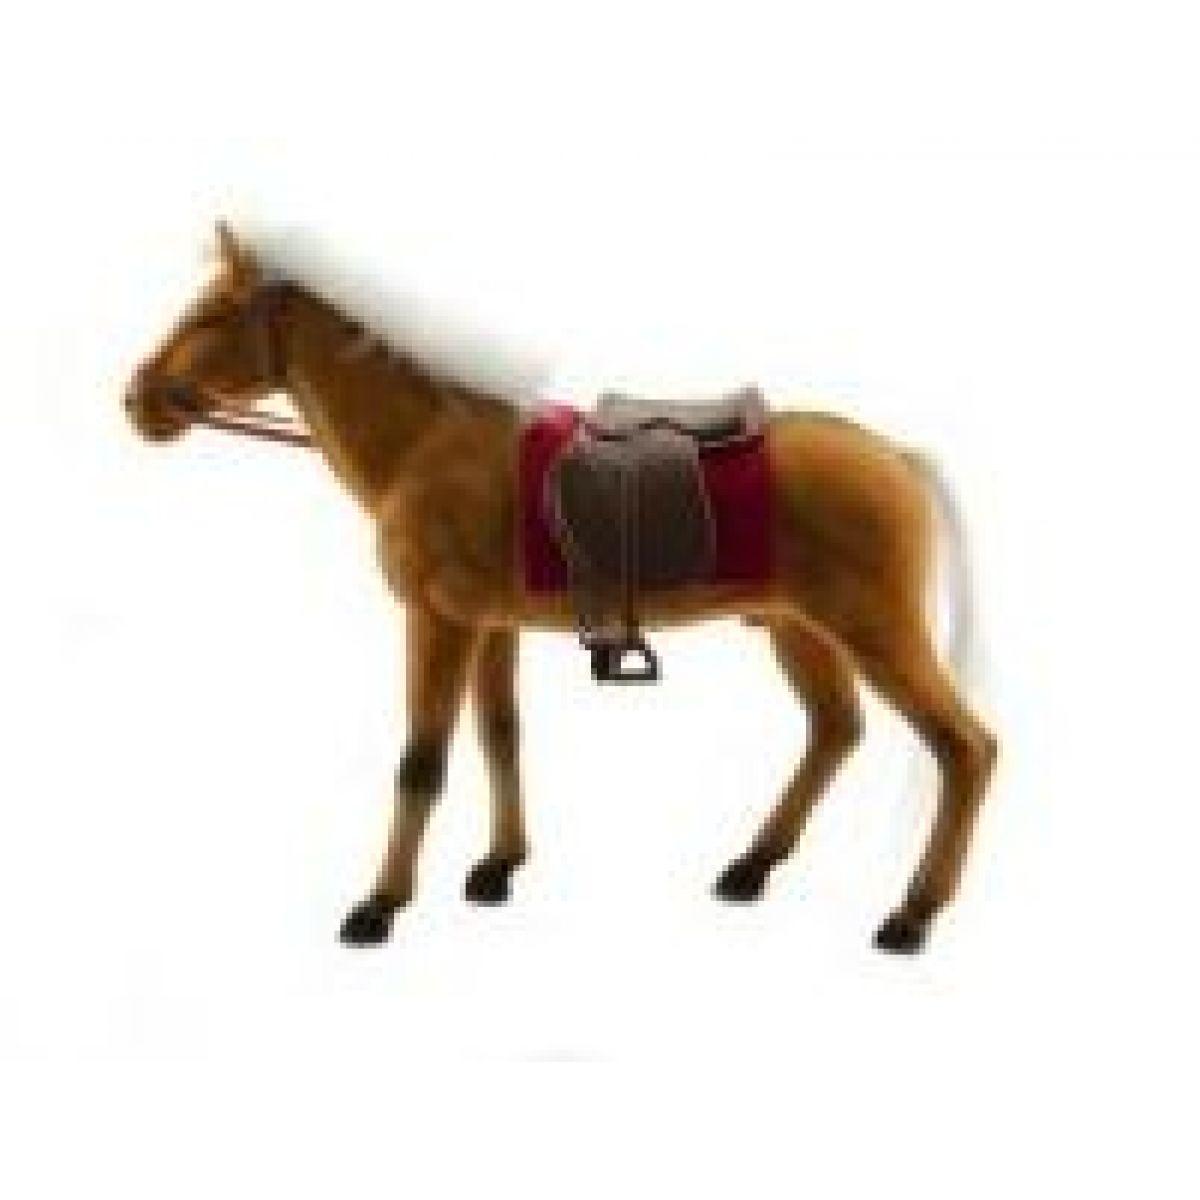 Teddies Kůň fliška 30 cm Bílá hříva-hnědý kůň - Černá hříva-hnědý kůň